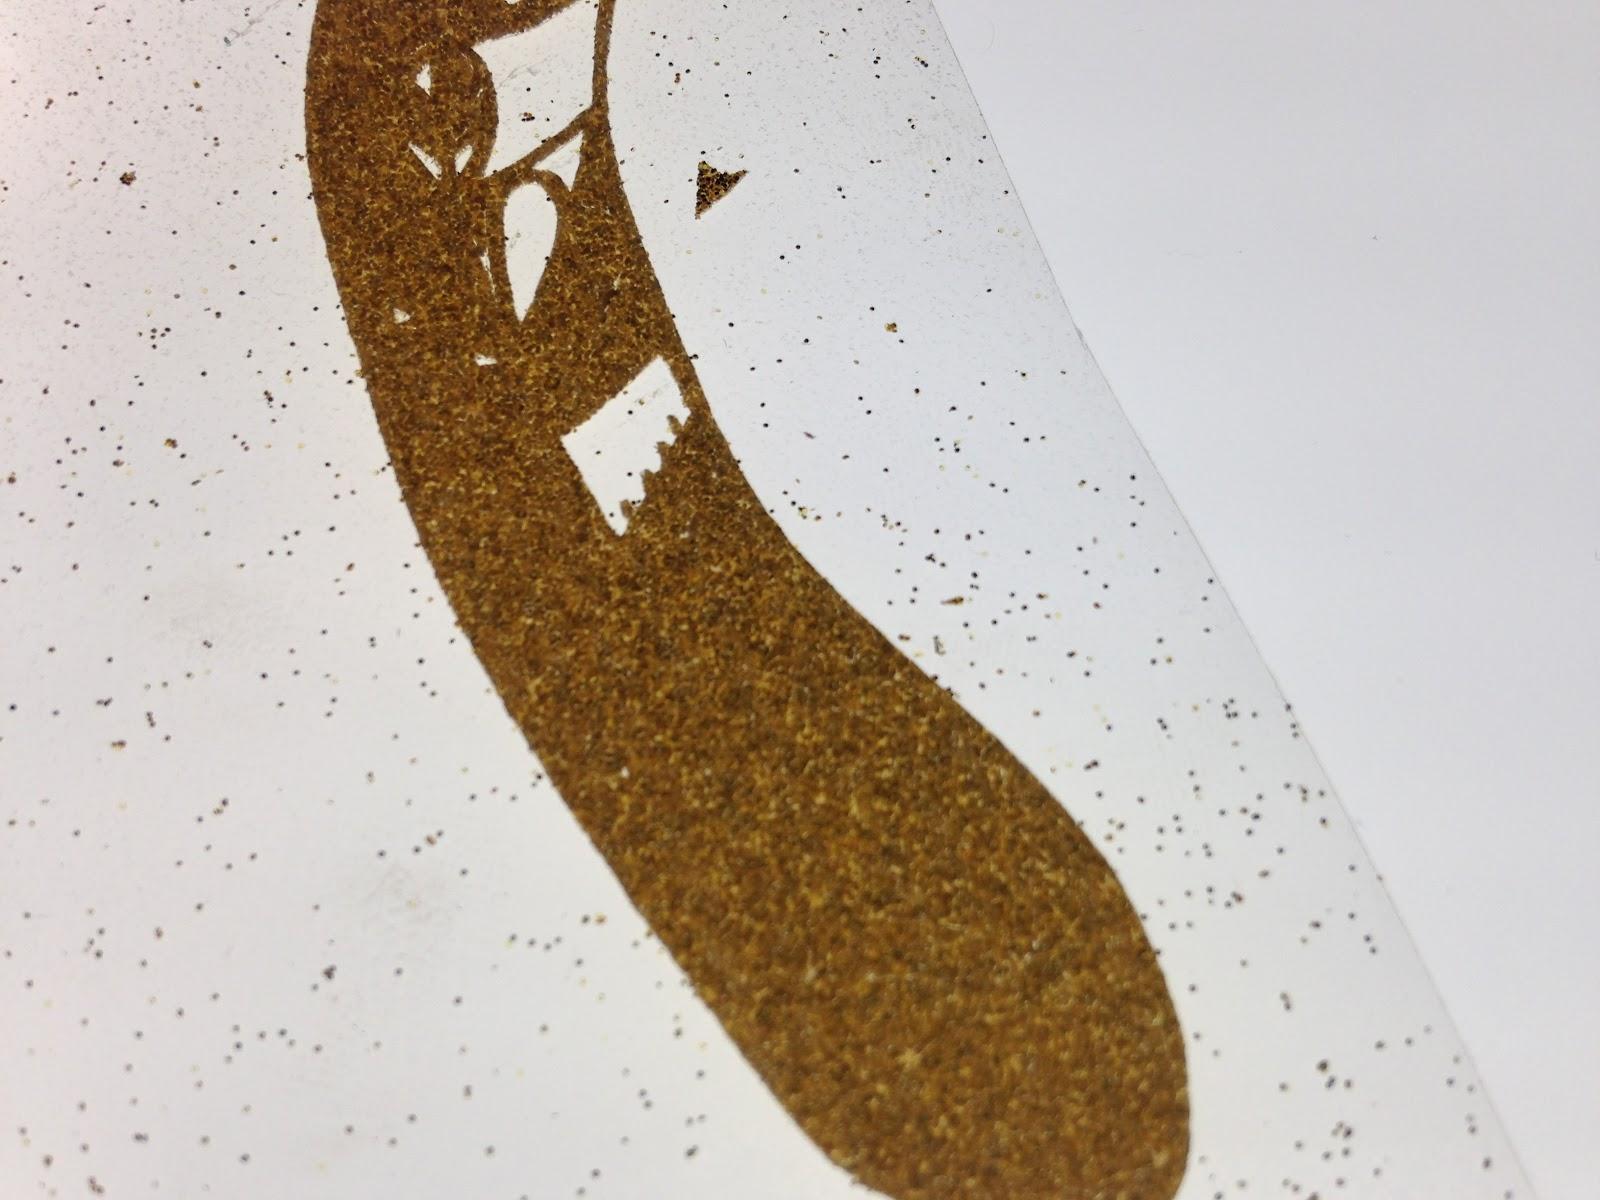 Using An Ottlite Light Box For Weeding Vinyl Silhouette